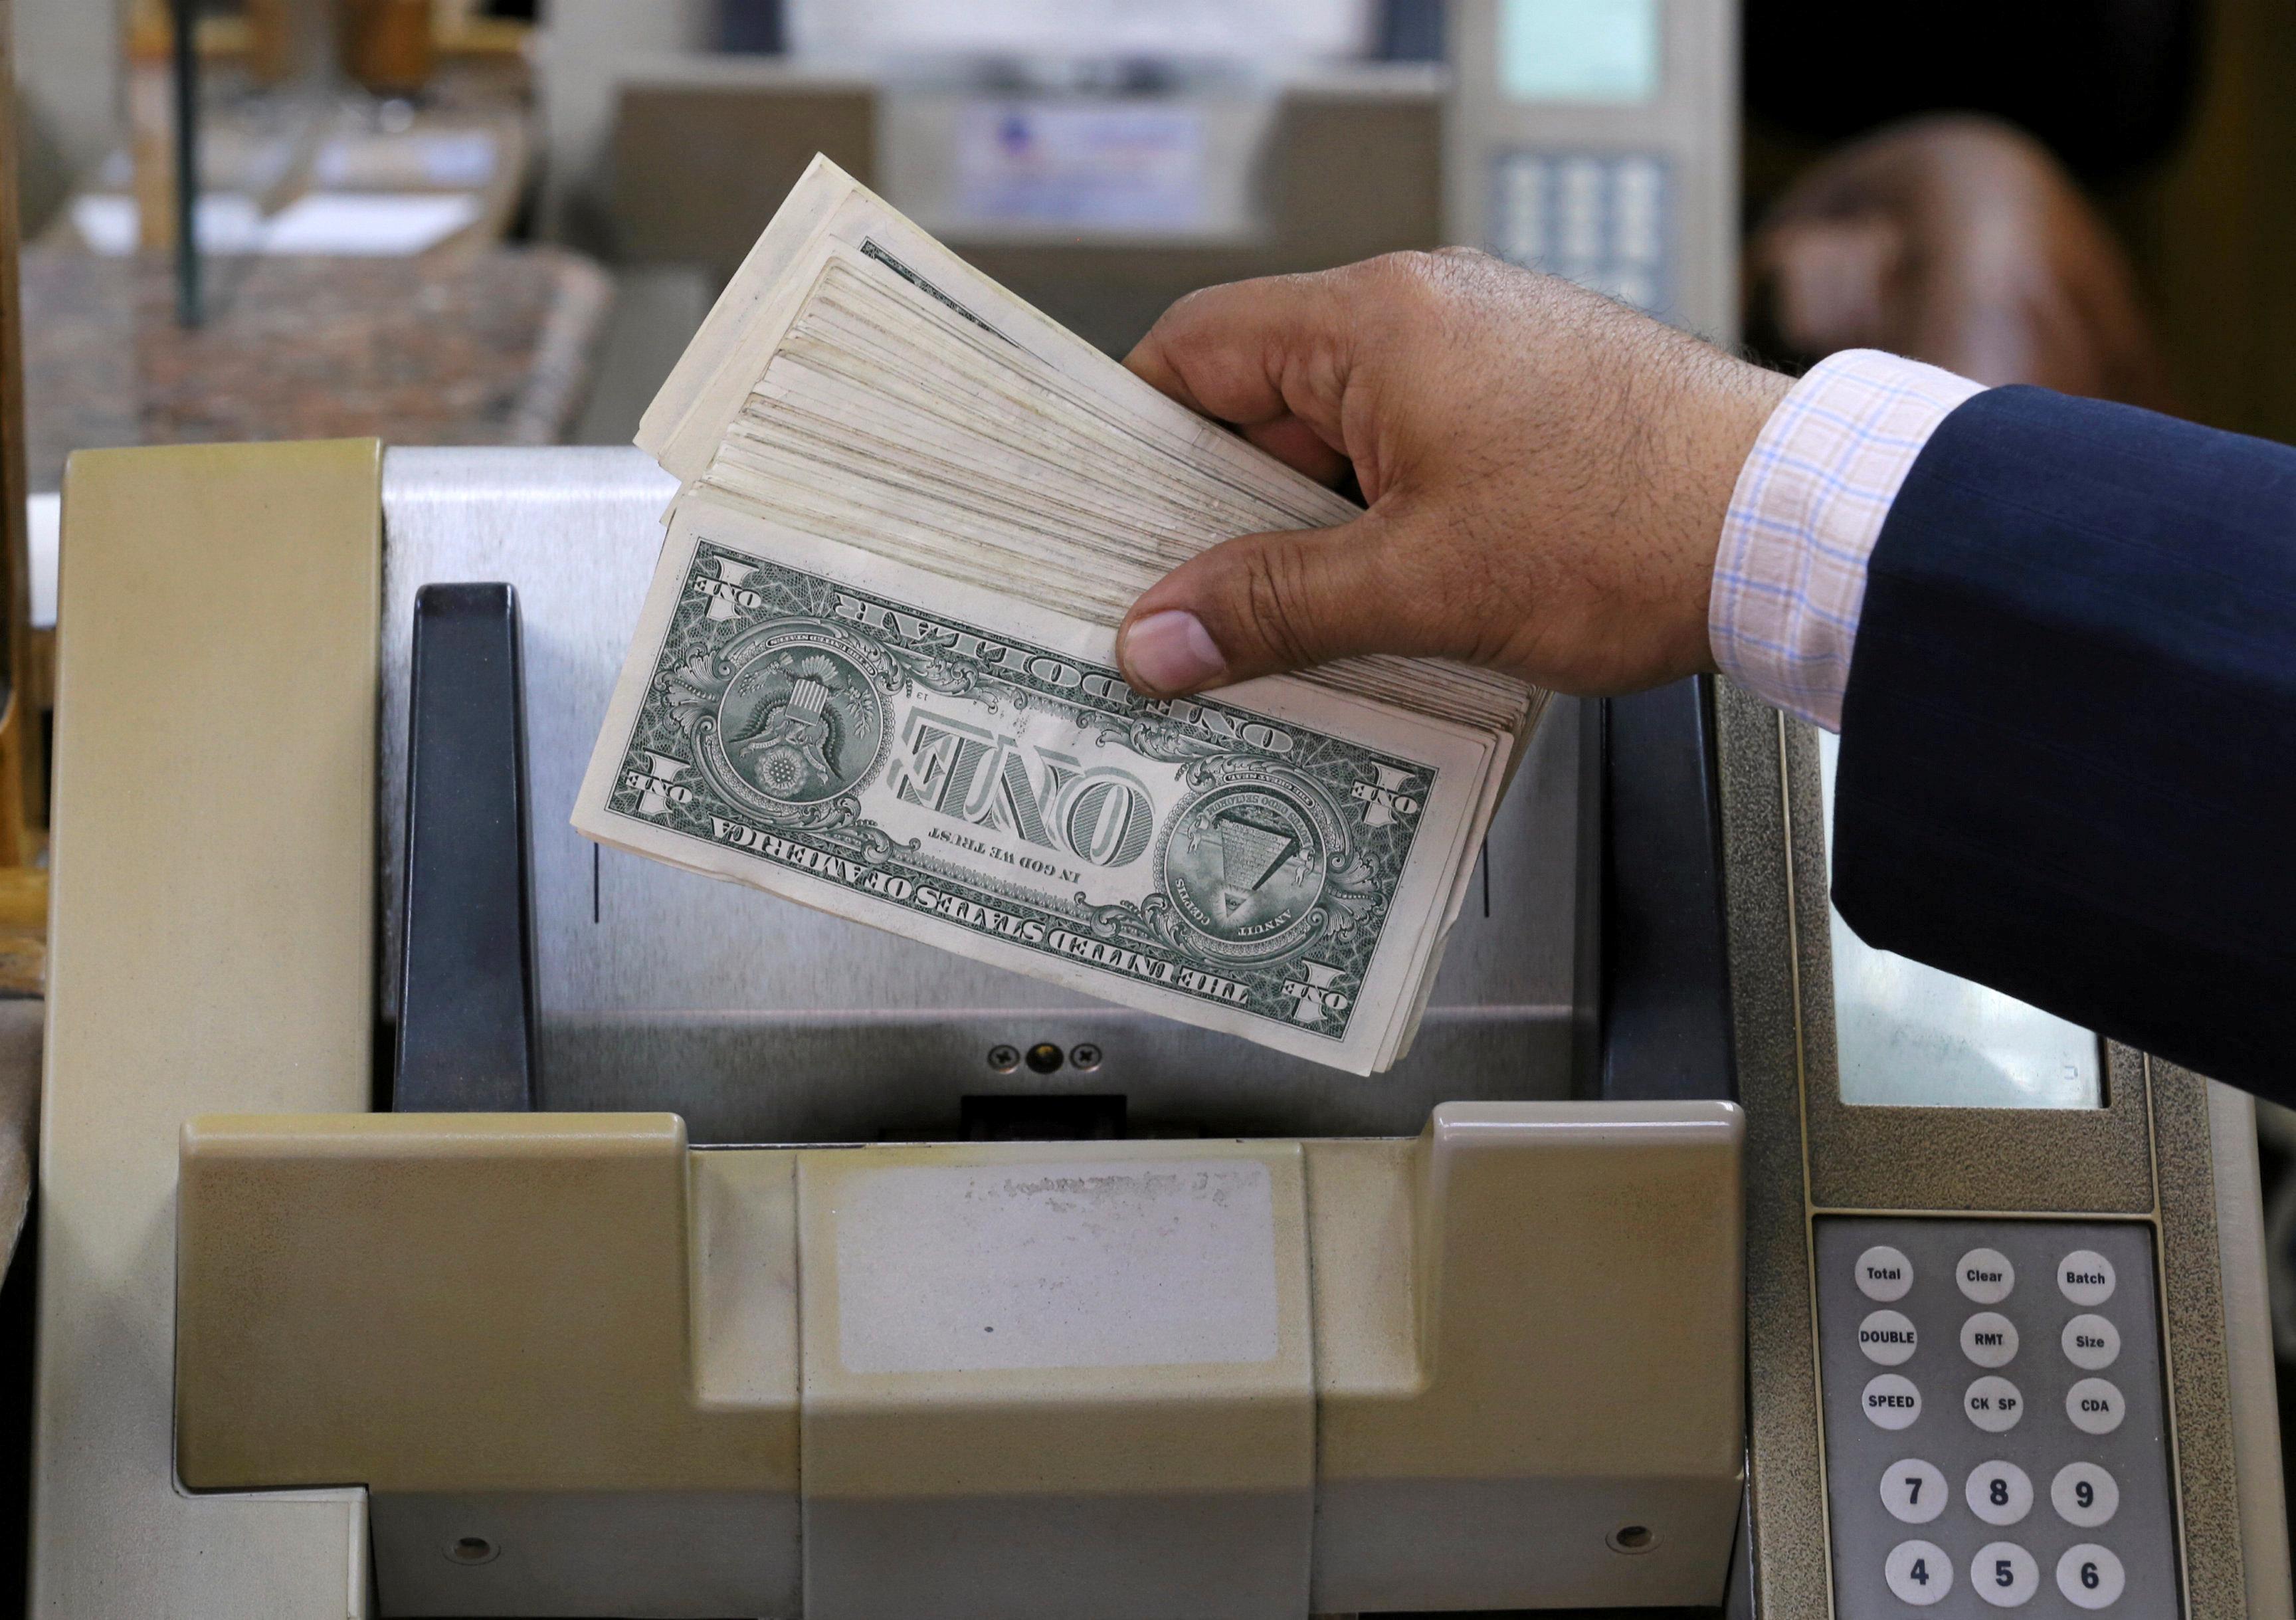 أسعار العملات اليوم الأحد 5-8-2018 الدولار يستقر واليورو يتراجع أمام الجنيه 1163619-%D8%B5%D8%B1%D9%81-%D8%A7%D9%84%D8%AF%D9%88%D9%84%D8%A7%D8%B1